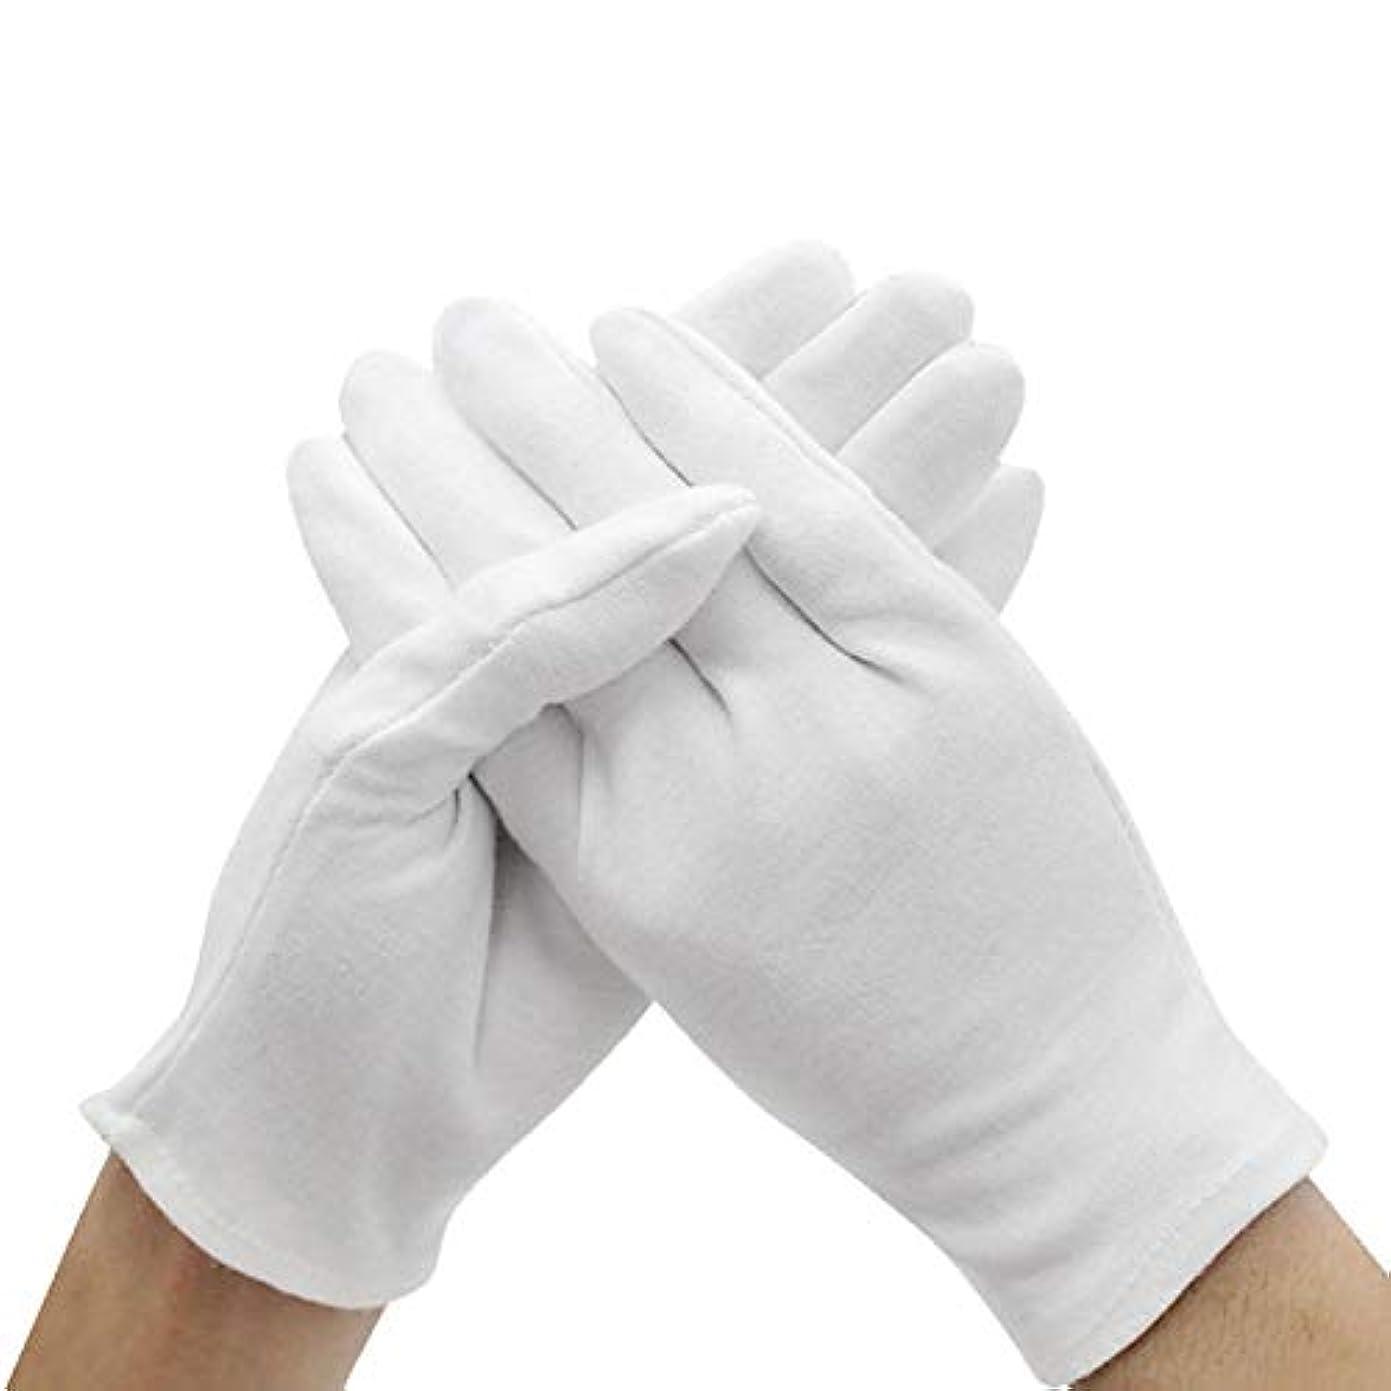 シーンリーン誘うコットン手袋 綿 手荒れ予防 【湿疹用 乾燥肌用 保湿用 礼装用】純綿100% 白手袋 作業用 インナー手袋,ワンサイズ,エチケットの機会